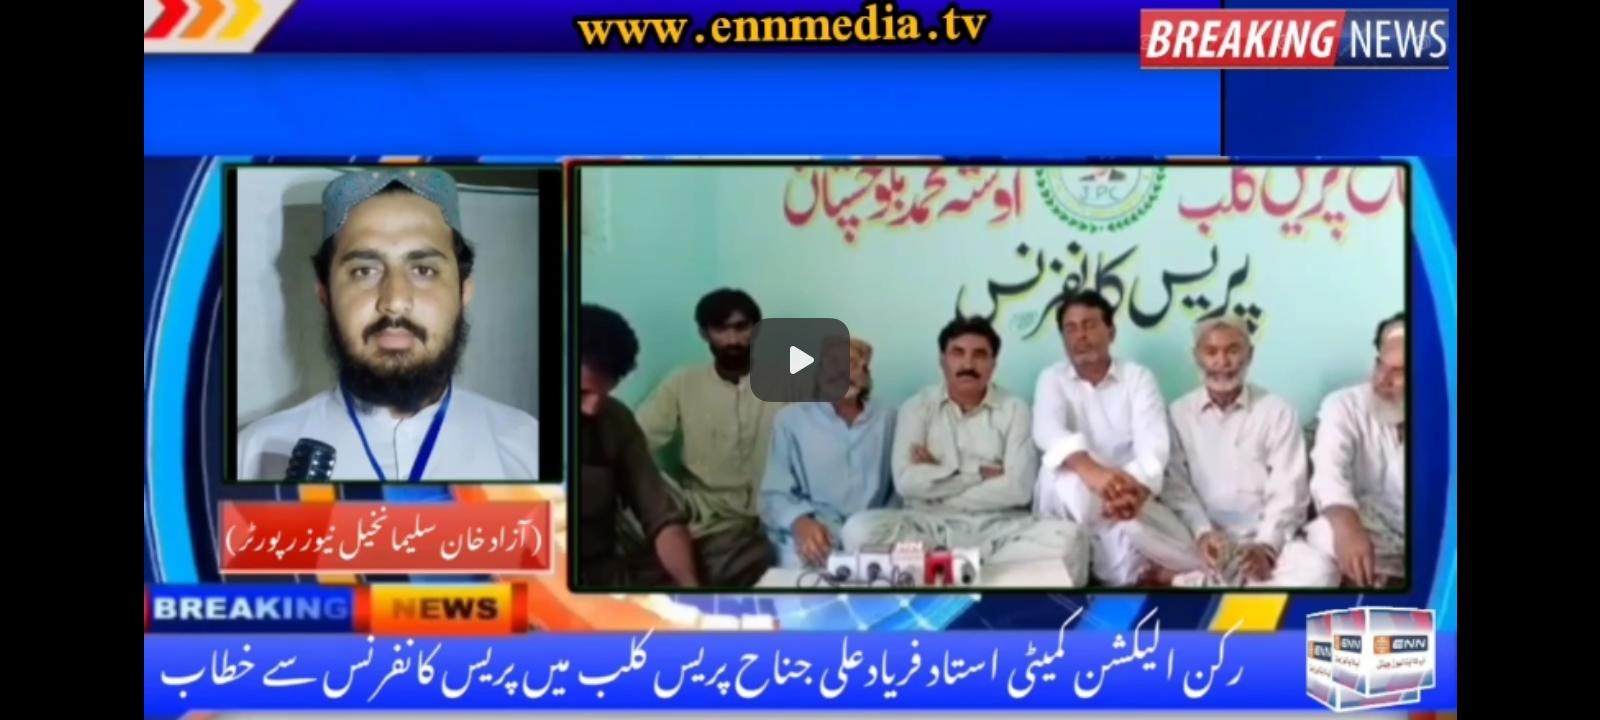 رکن الیکشن کمیٹی استاد فریادعلی جناح پریس کلب میں پریس کانفرنس سے خطاب